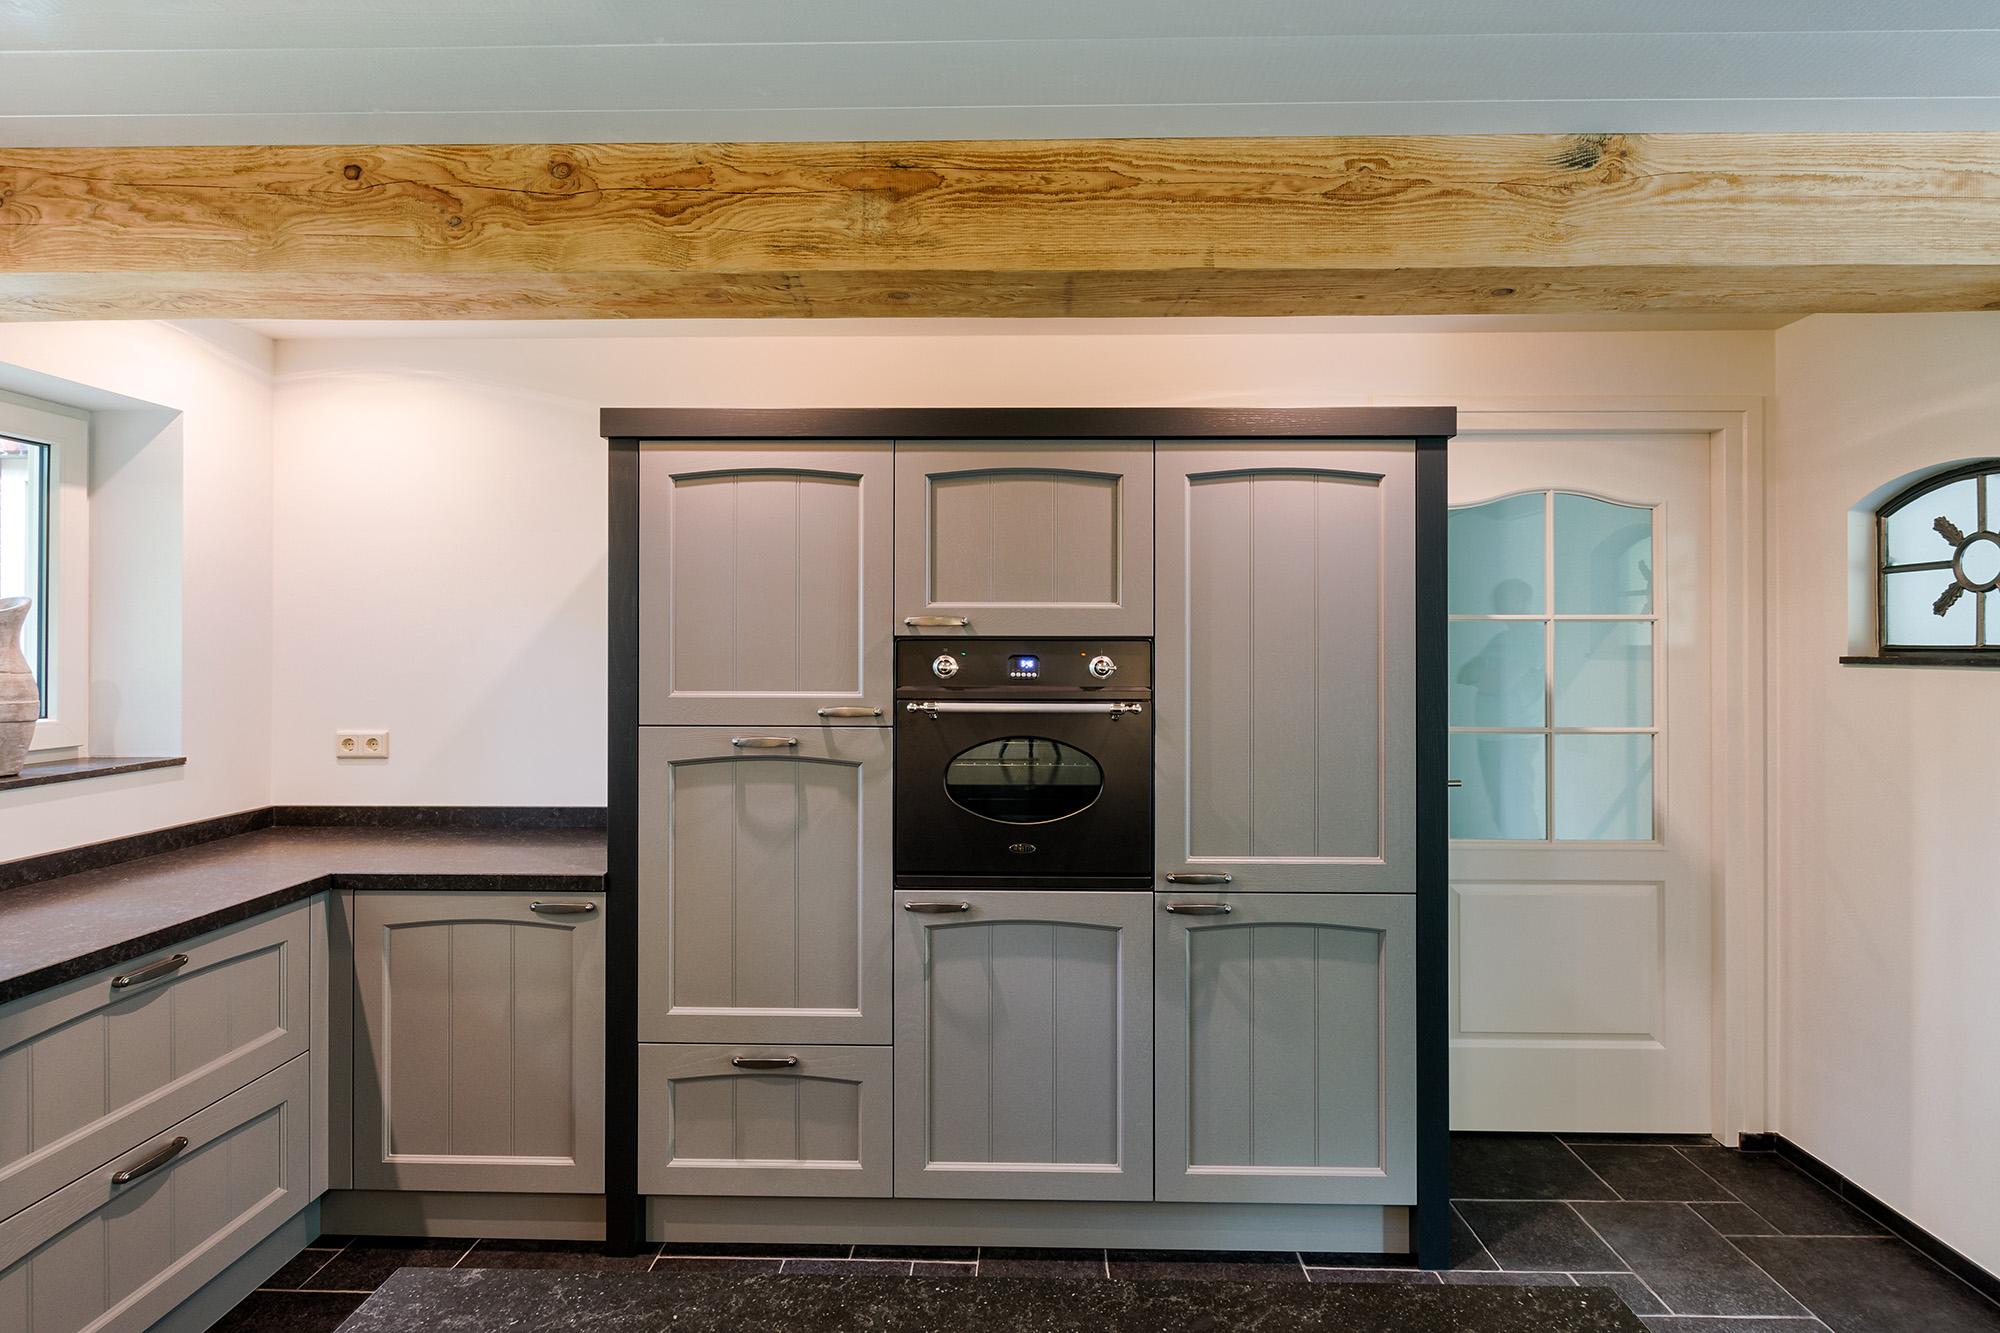 Keuken blauw grijs inspiratie het beste interieur - Keuken grijs en blauw ...